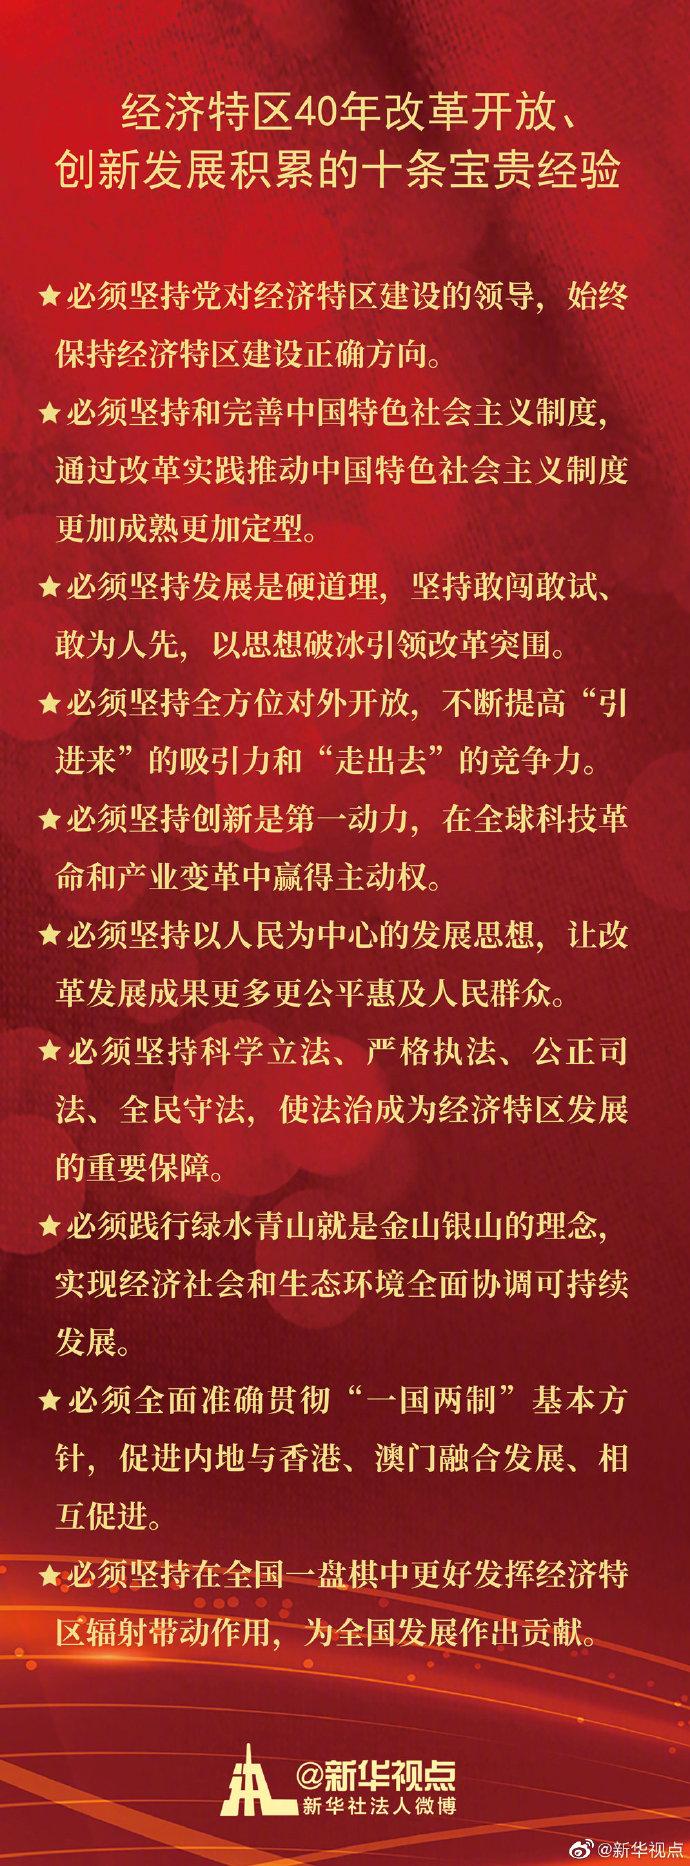 习近平:经济特区40年改革开放、创新发展积累了十条宝贵经验-中国网地产